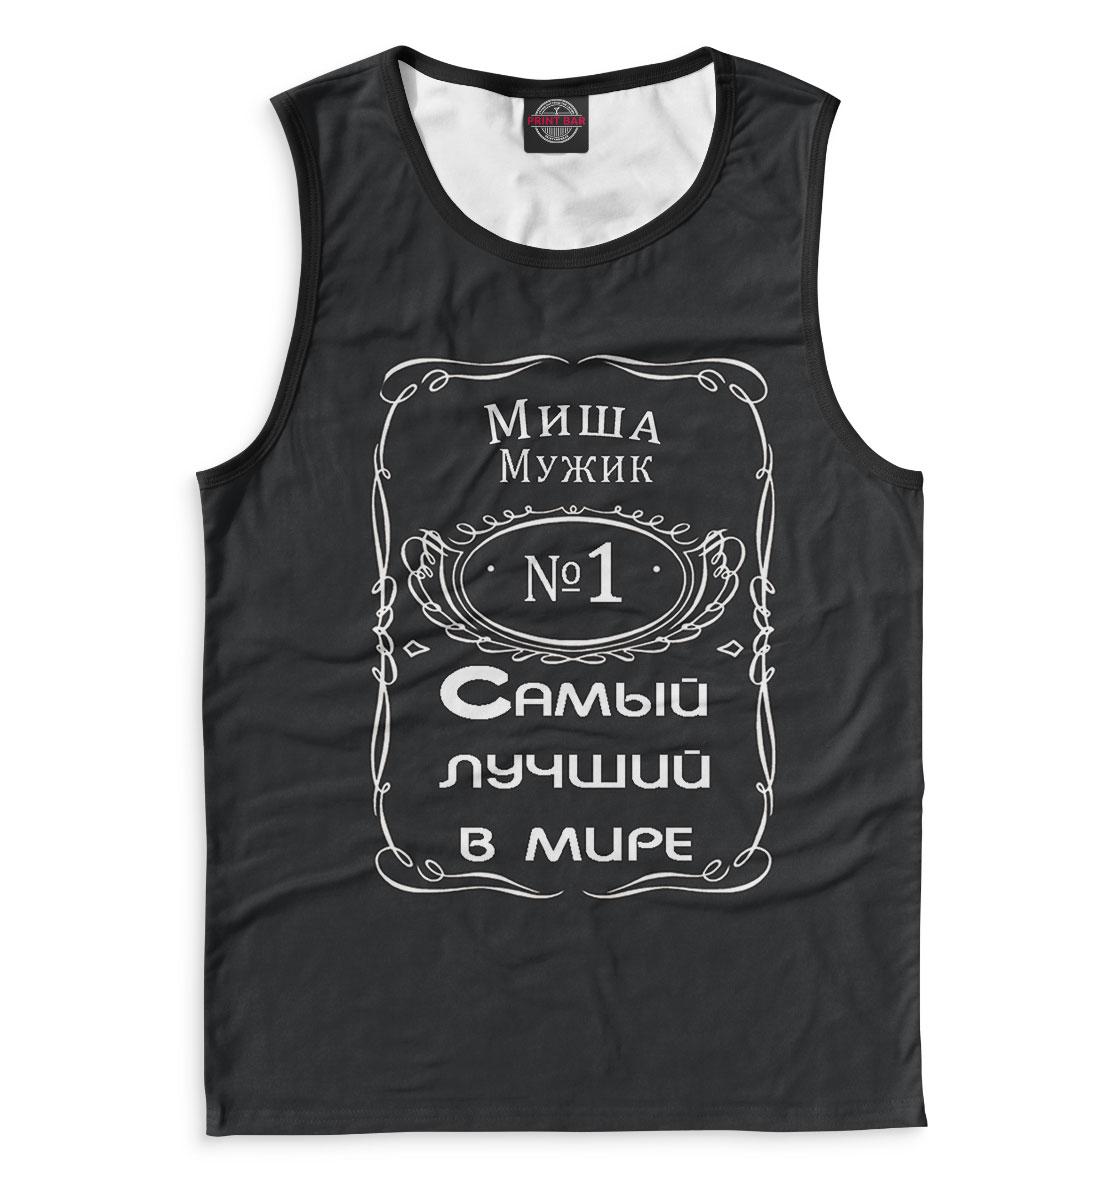 Купить Миша — самый лучший в мире, Printbar, Майки, MCH-786319-may-2